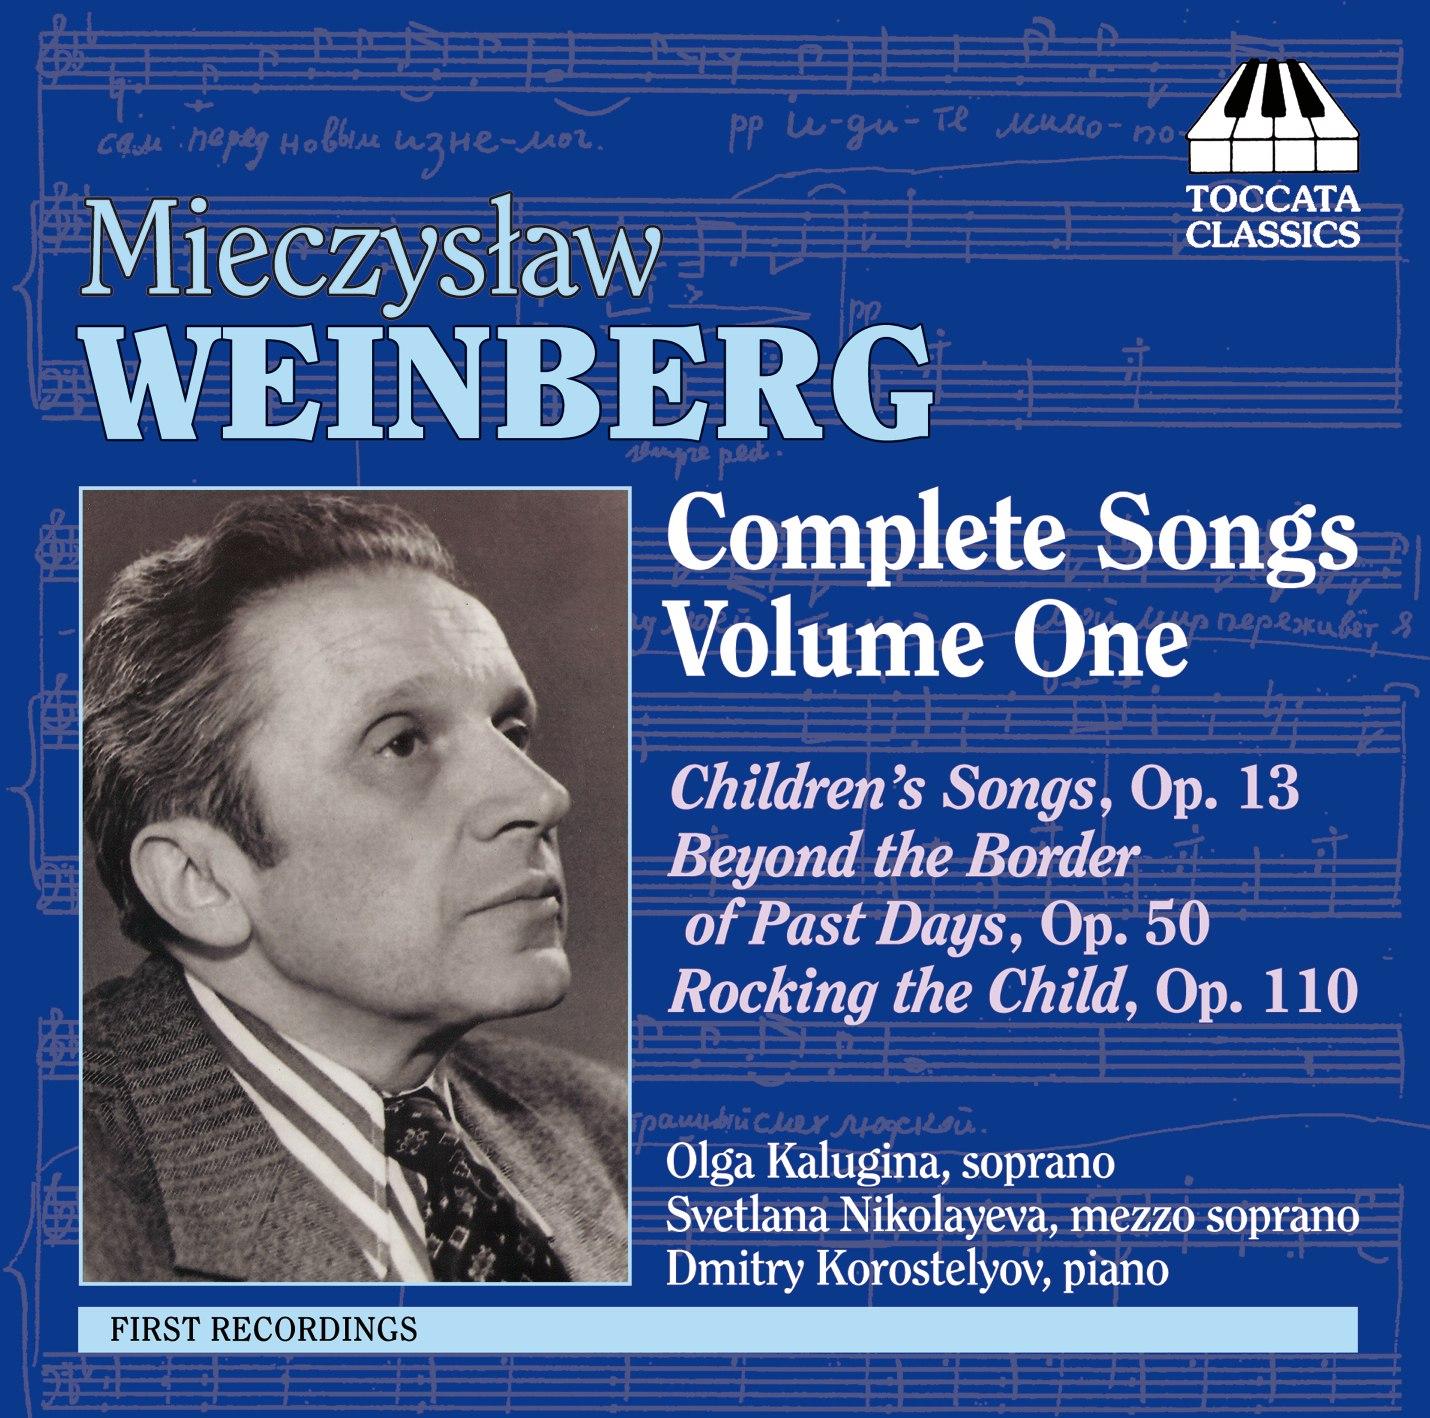 Mieczysław Weinberg: Complete Songs